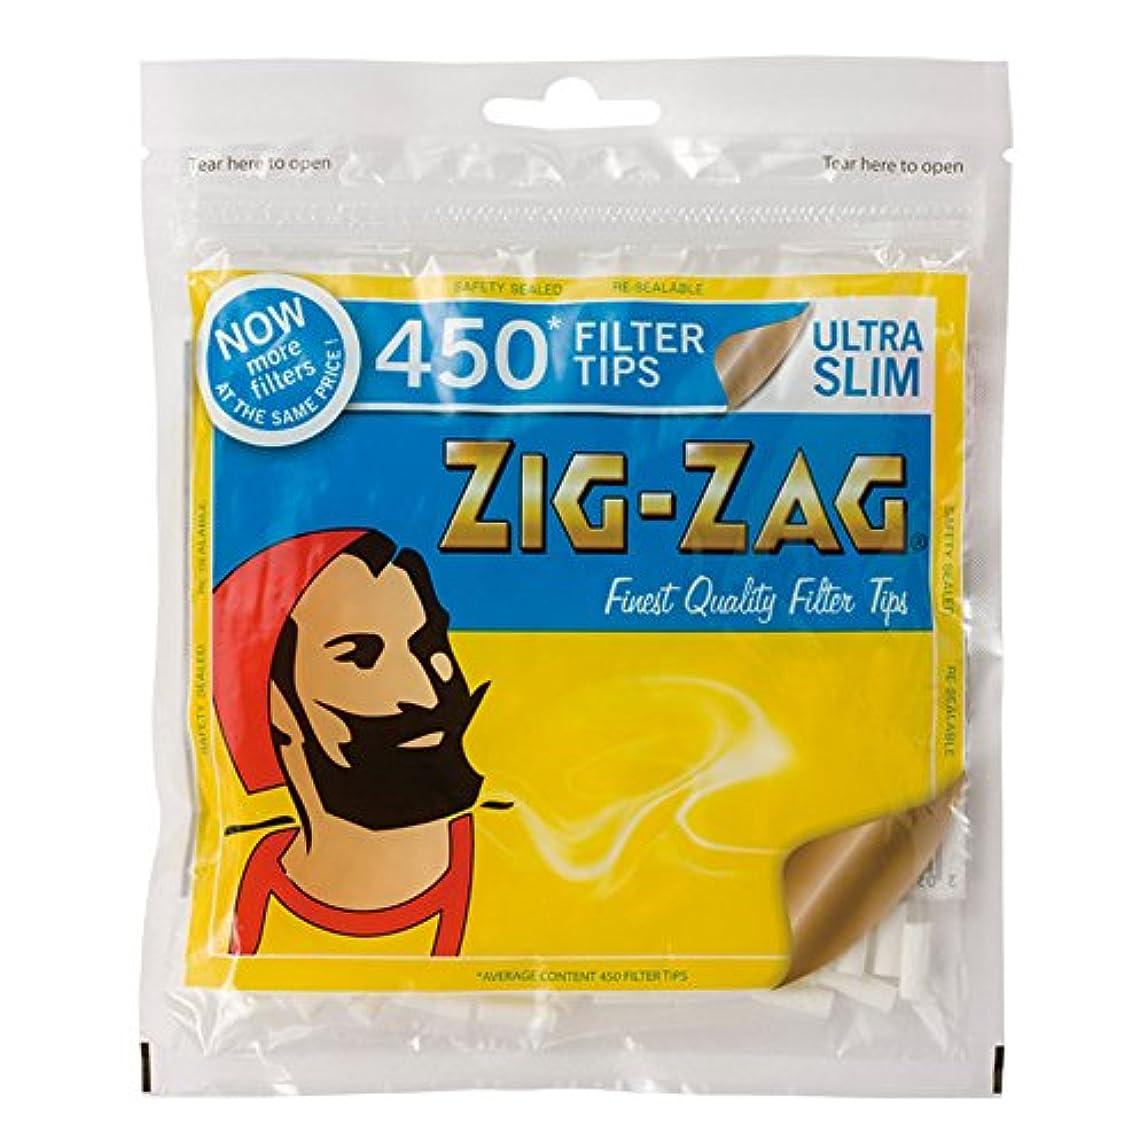 旧正月無許可死の顎ZIG-ZAG(ジグザグ) ウルトラスリム フィルター 450 直径5mm 約450個入り #78538